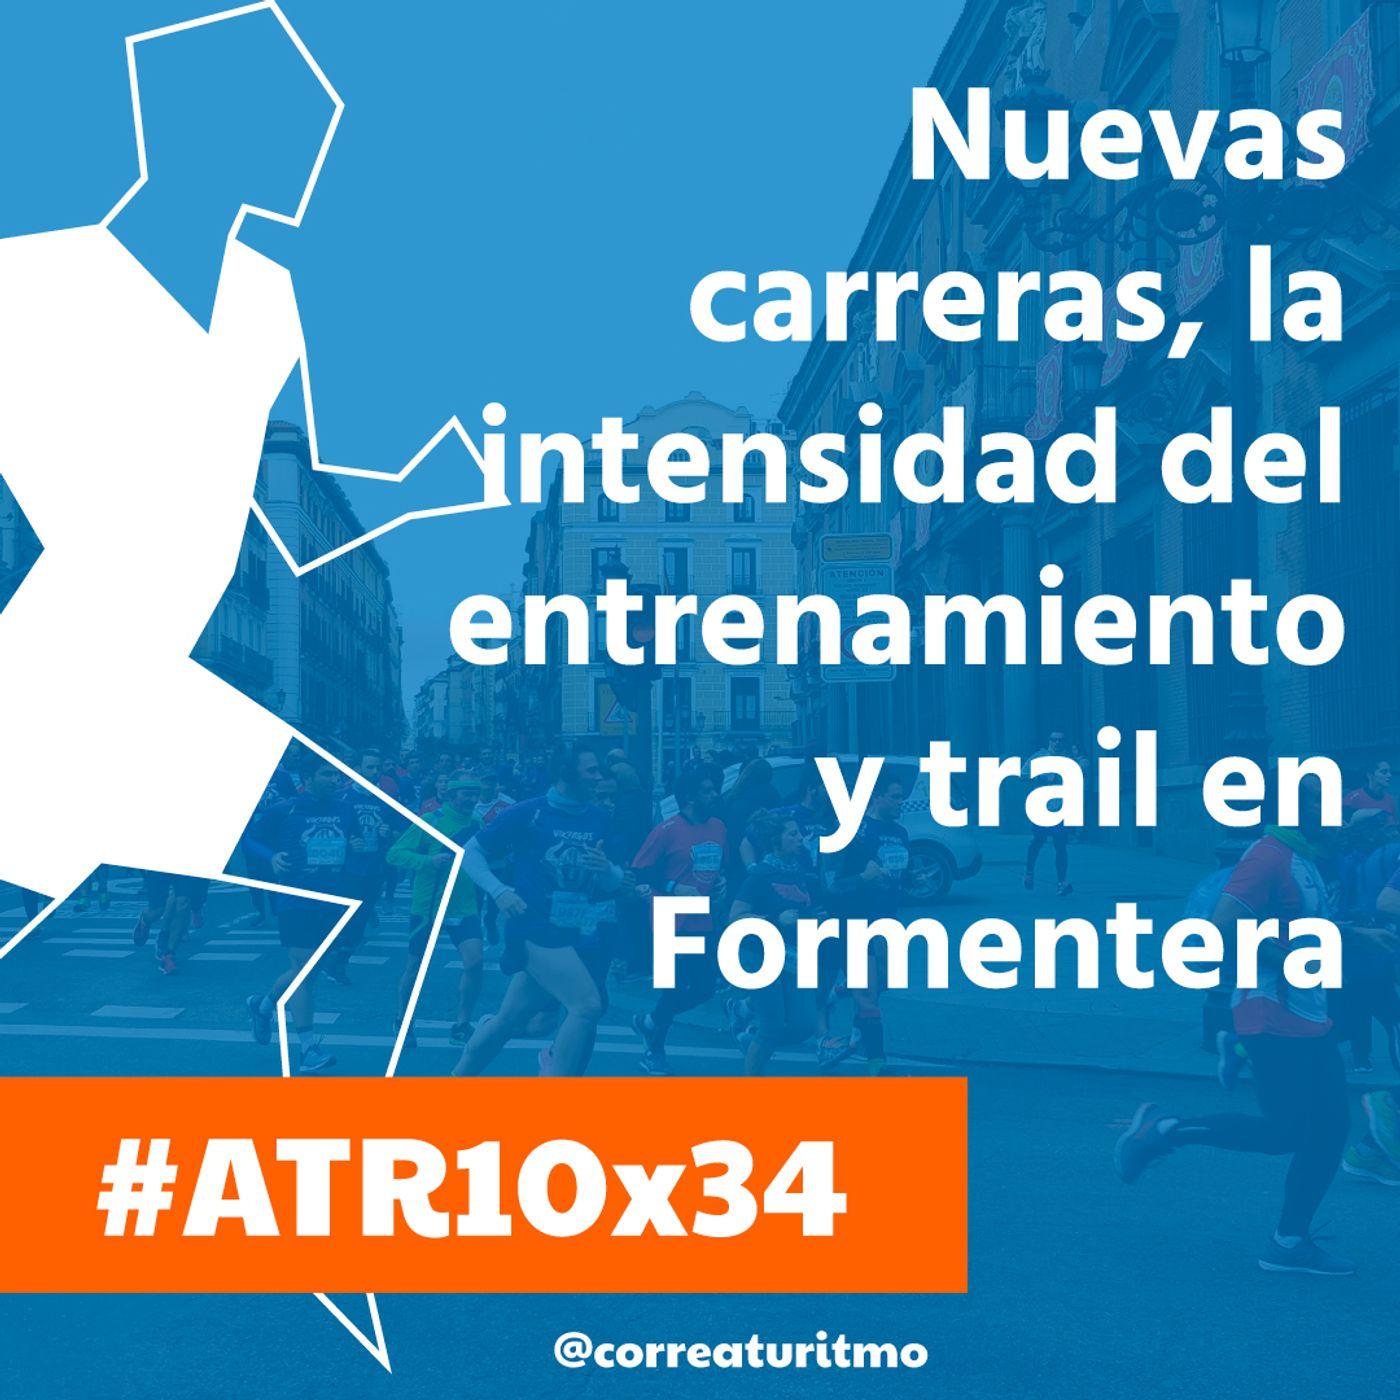 ATR 10x34 - Nuevas carreras, la intensidad del entrenamiento y trail en Formentera